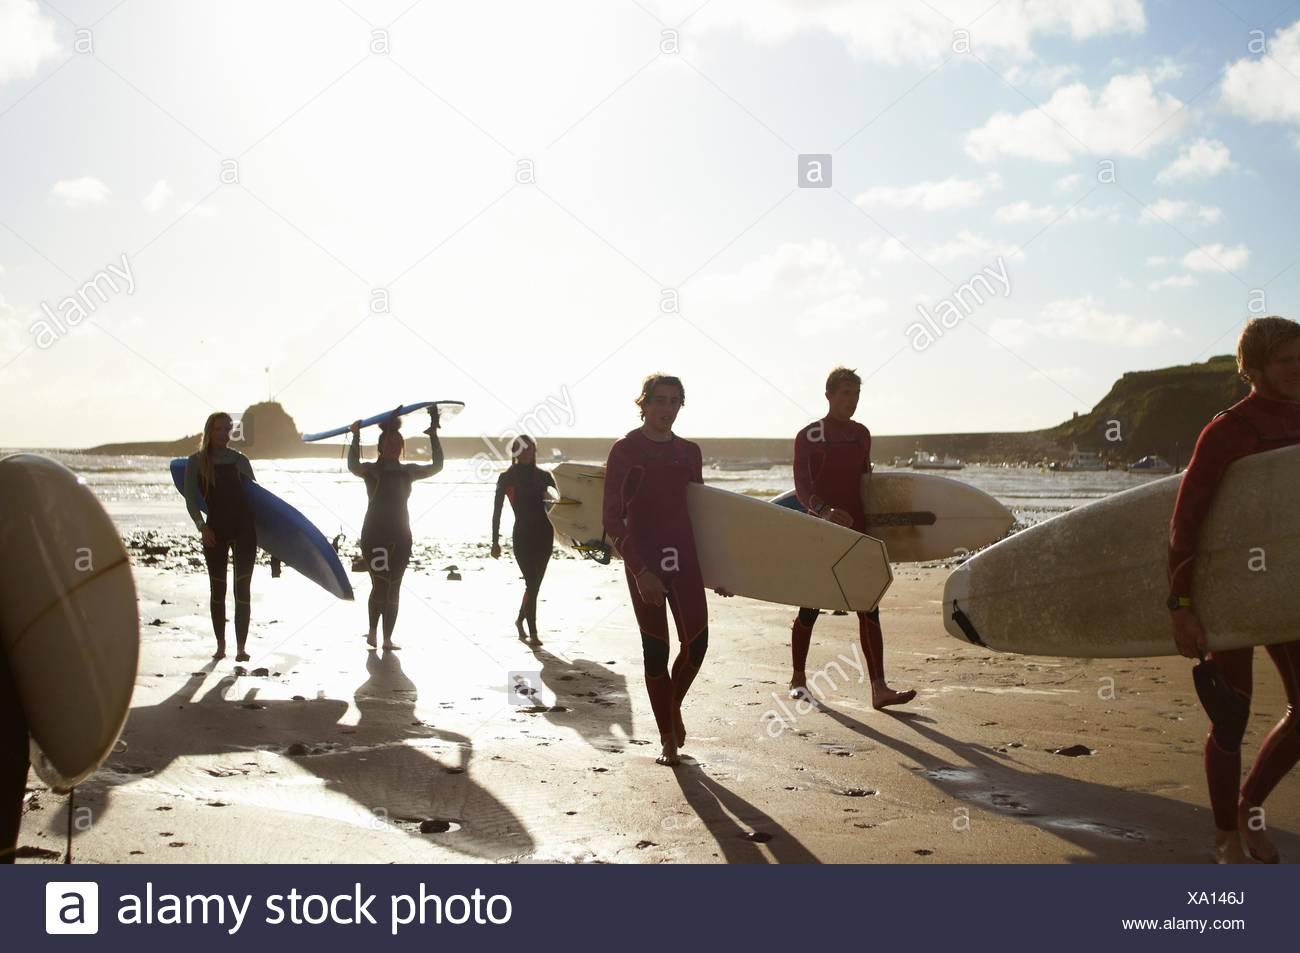 Gruppo di surfers, passeggiate sulla spiaggia, portando le tavole da surf Immagini Stock